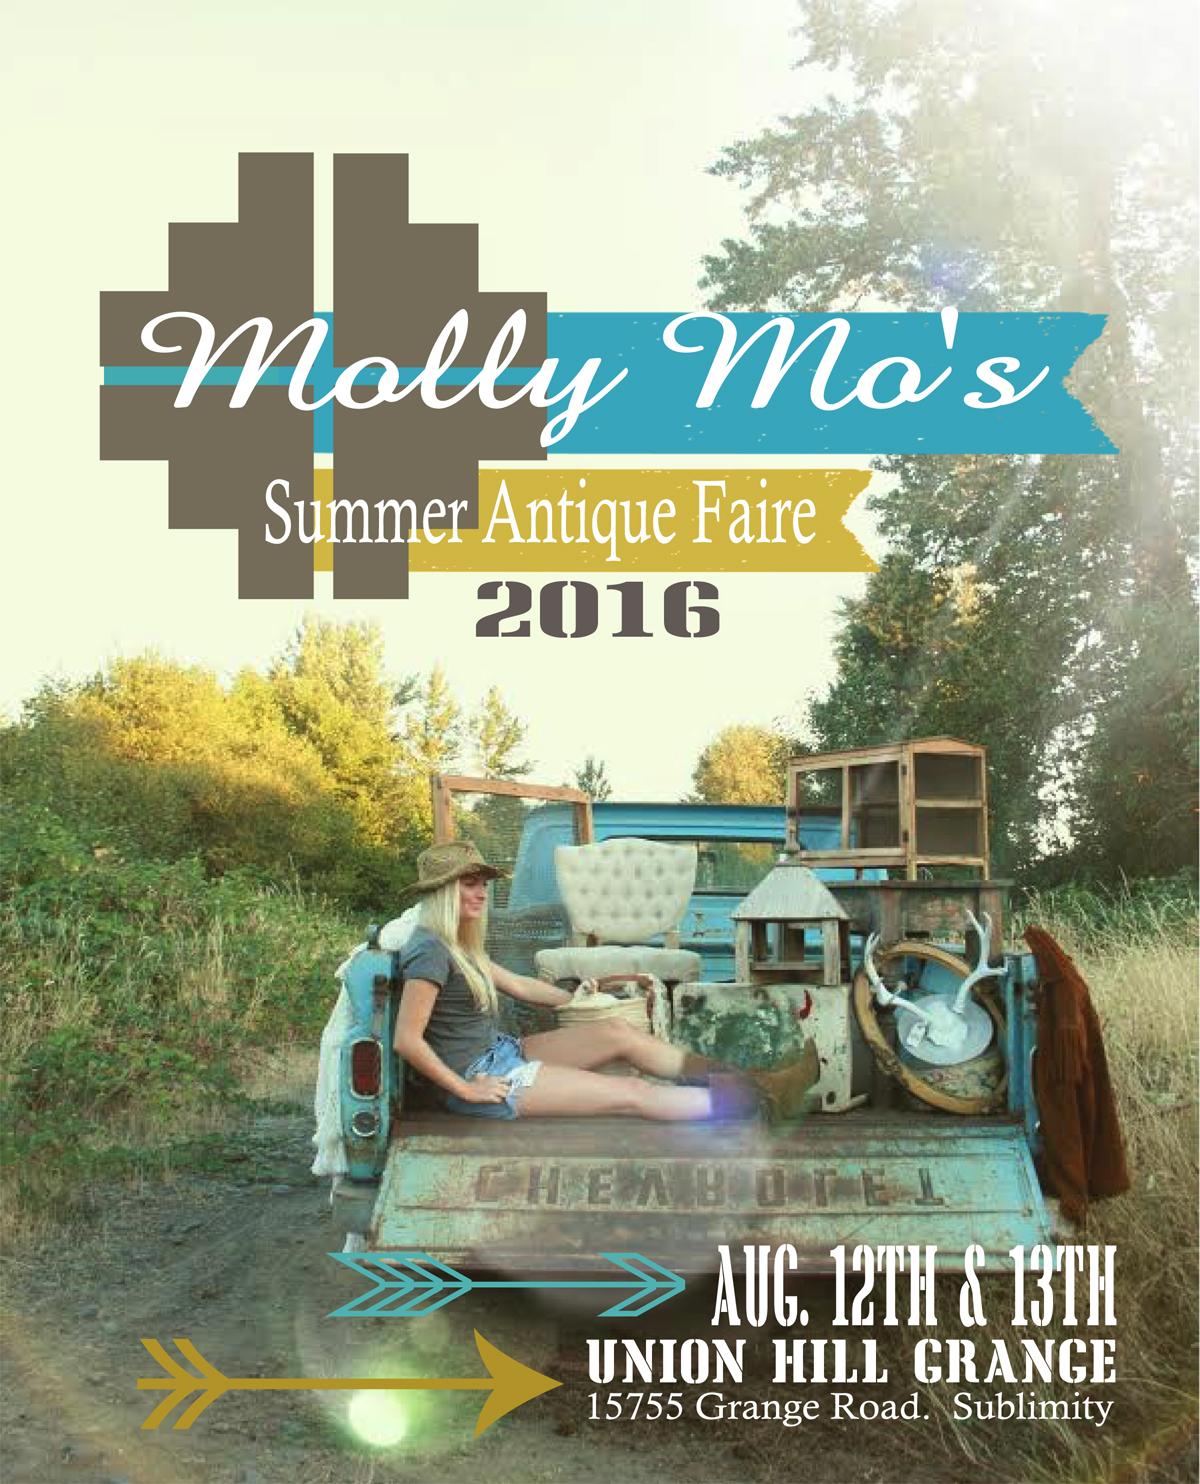 Molly Mo's 2016 Antique Faire